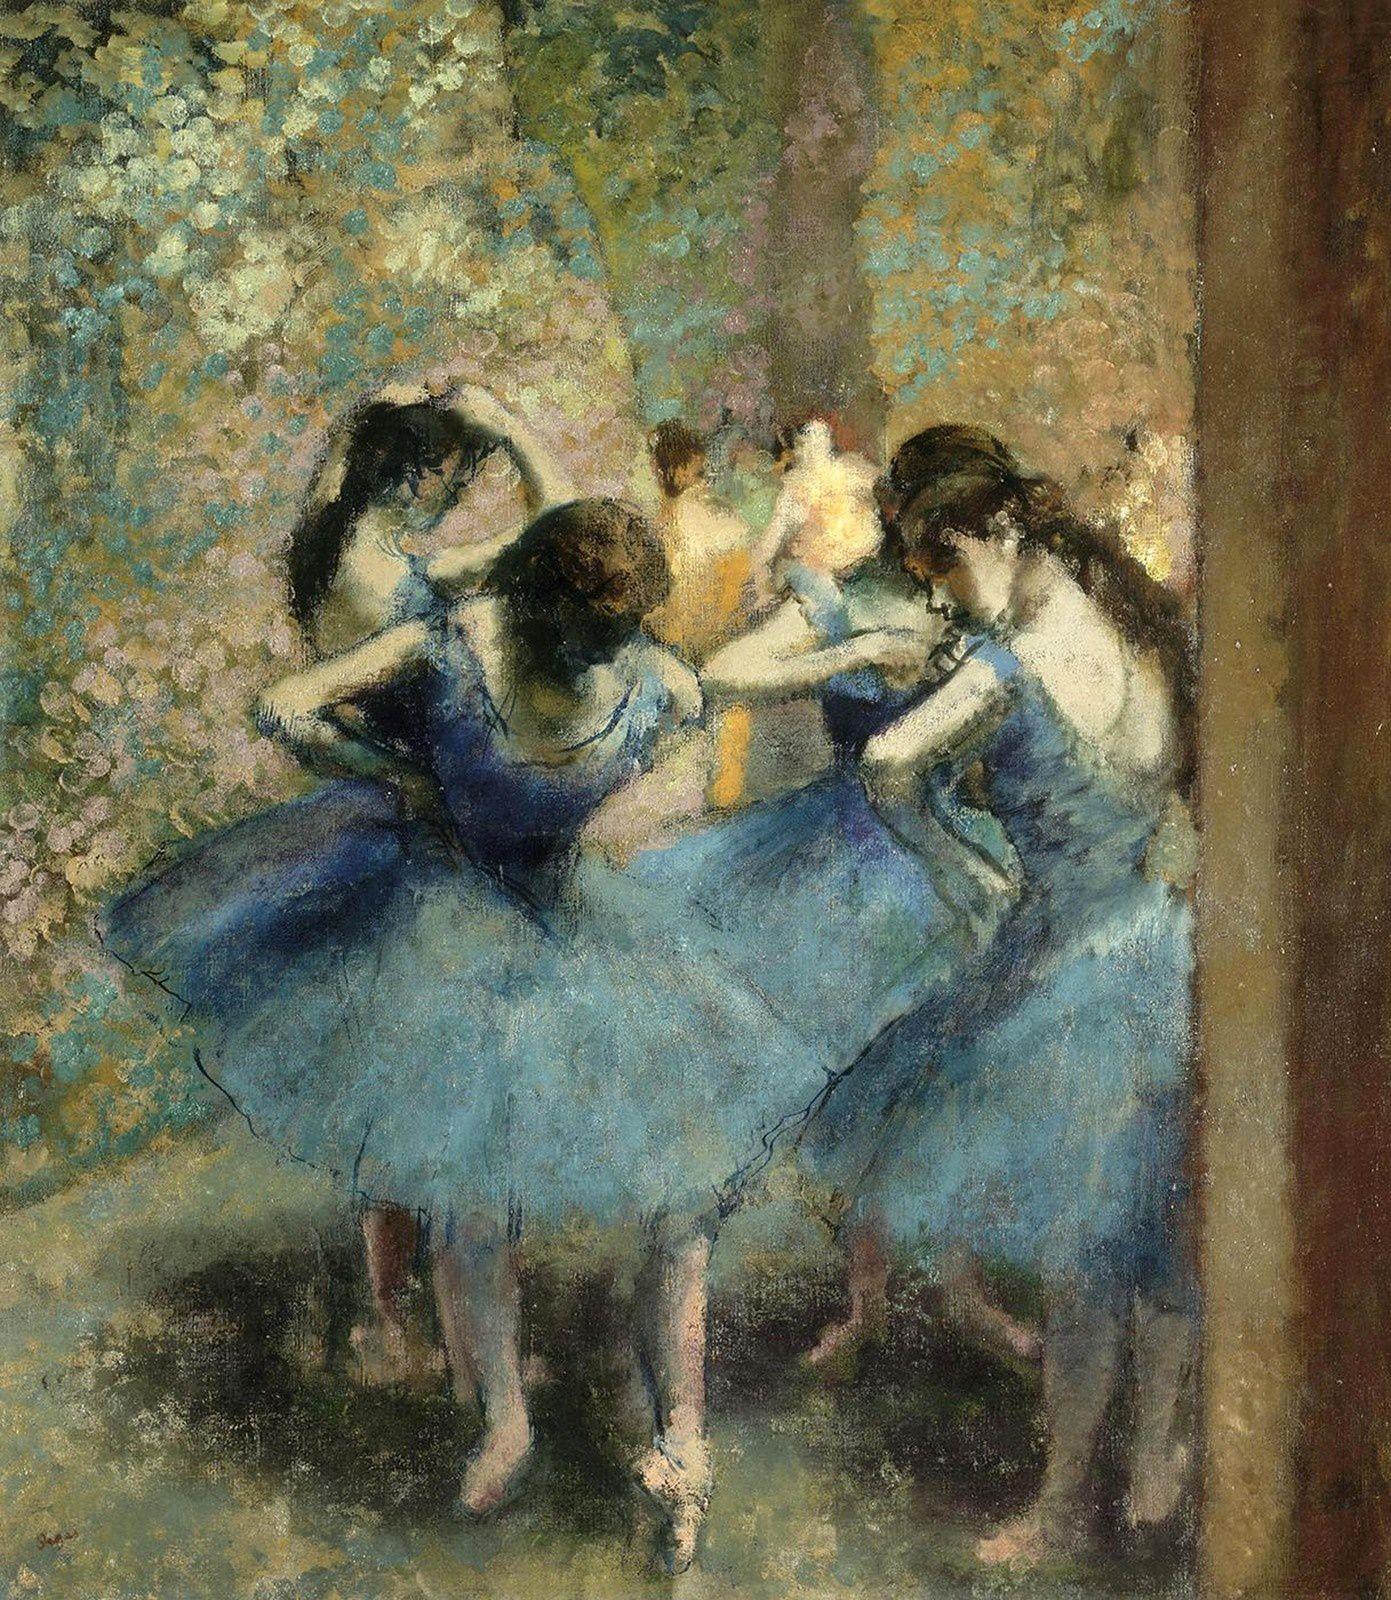 """""""Danseurs bleu"""", 1890 d'Edgar Degas - Courtesy Musée d'Orsay, Paris"""